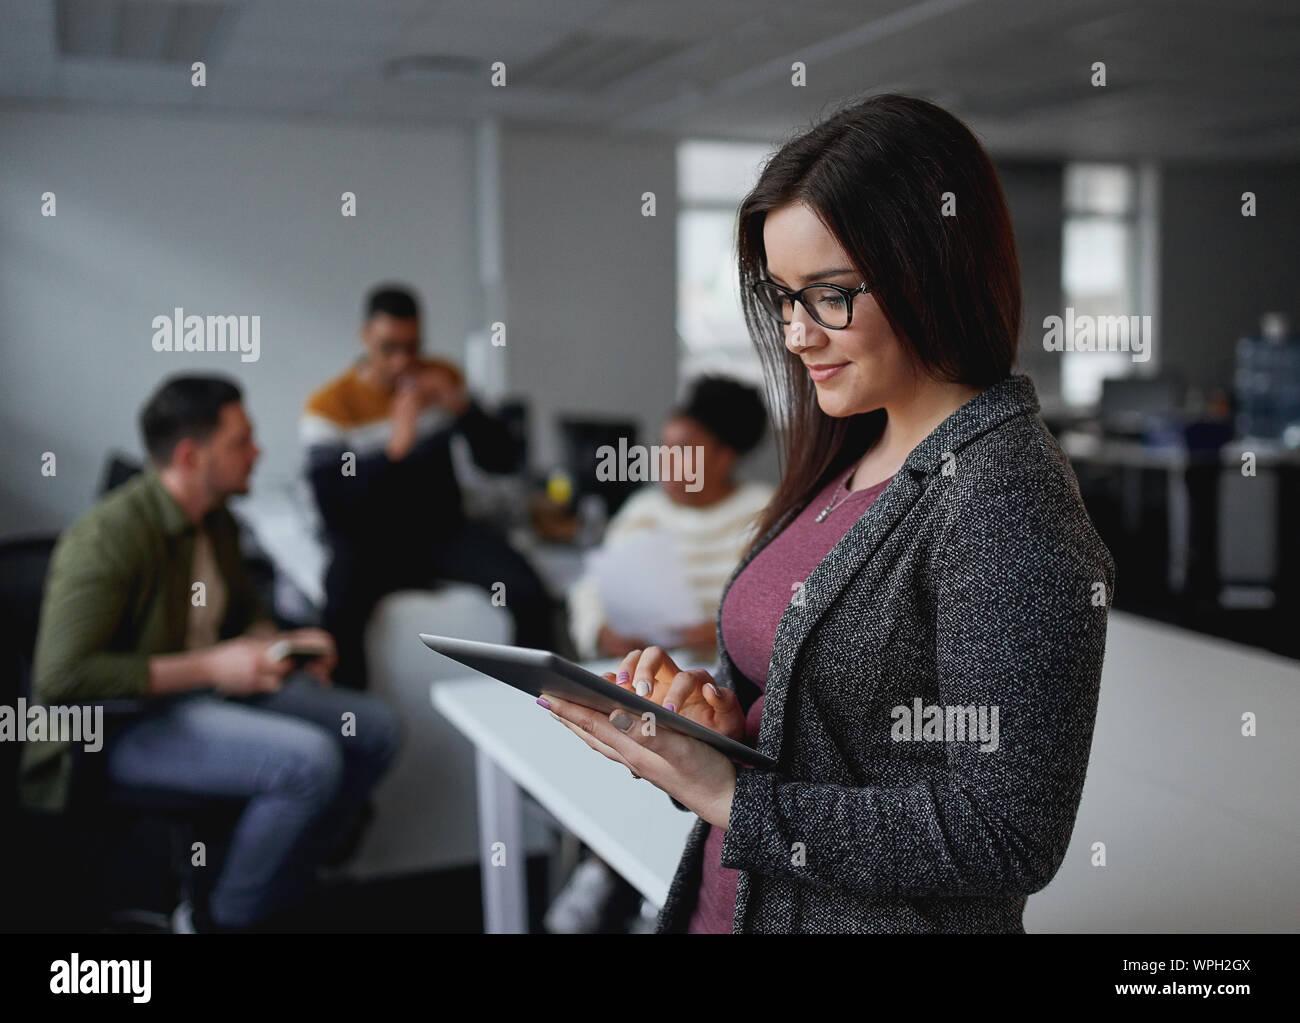 Feliz joven empresaria mediante tableta digital en la oficina y sus colegas discutiendo en segundo plano. Foto de stock